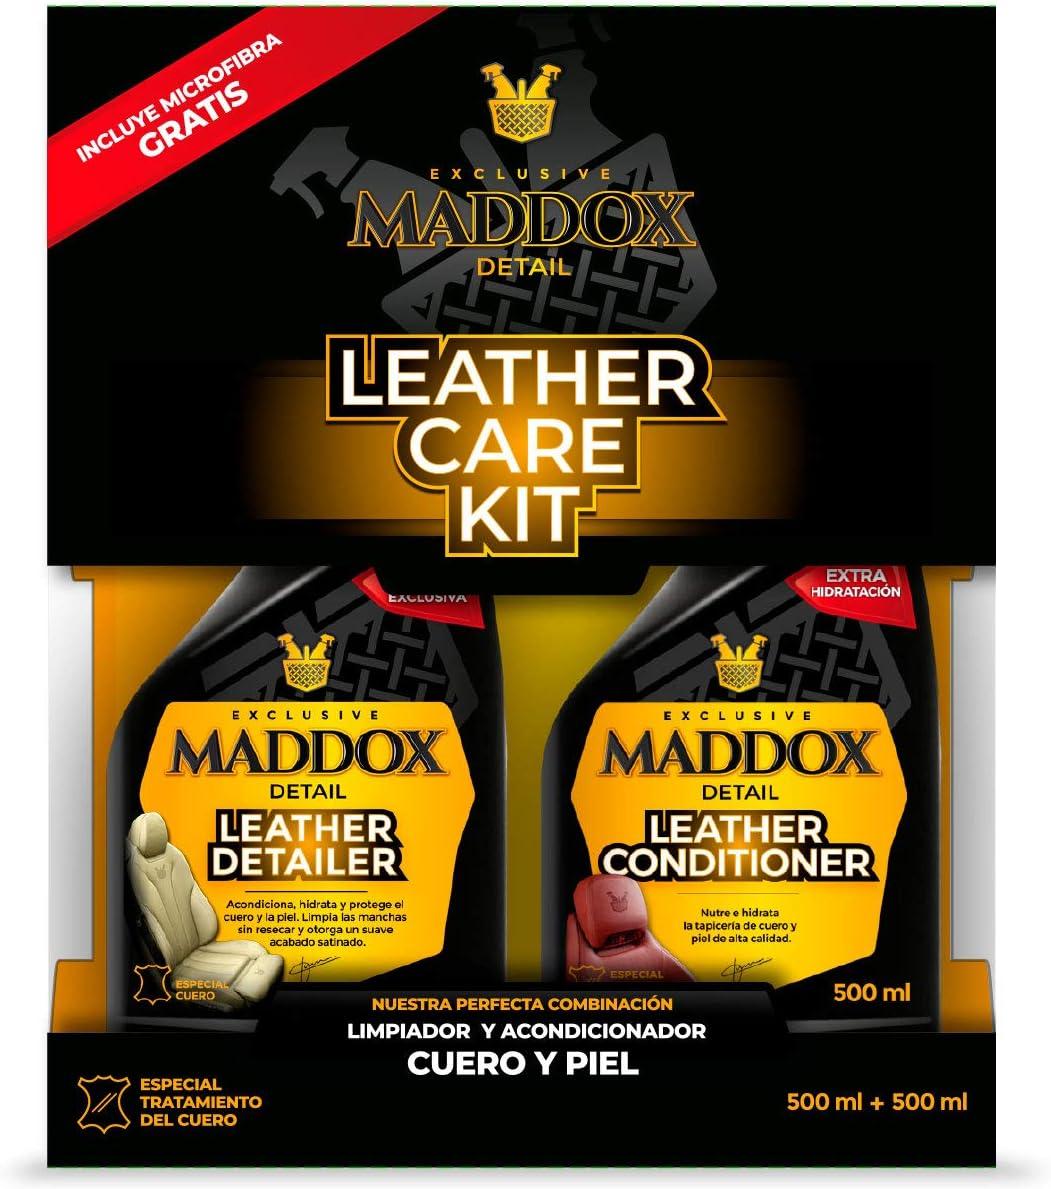 Maddox Detail - Leather Care Kit - Limpiador y acondicionador de cuero y piel. Incluye microfibra gratis.